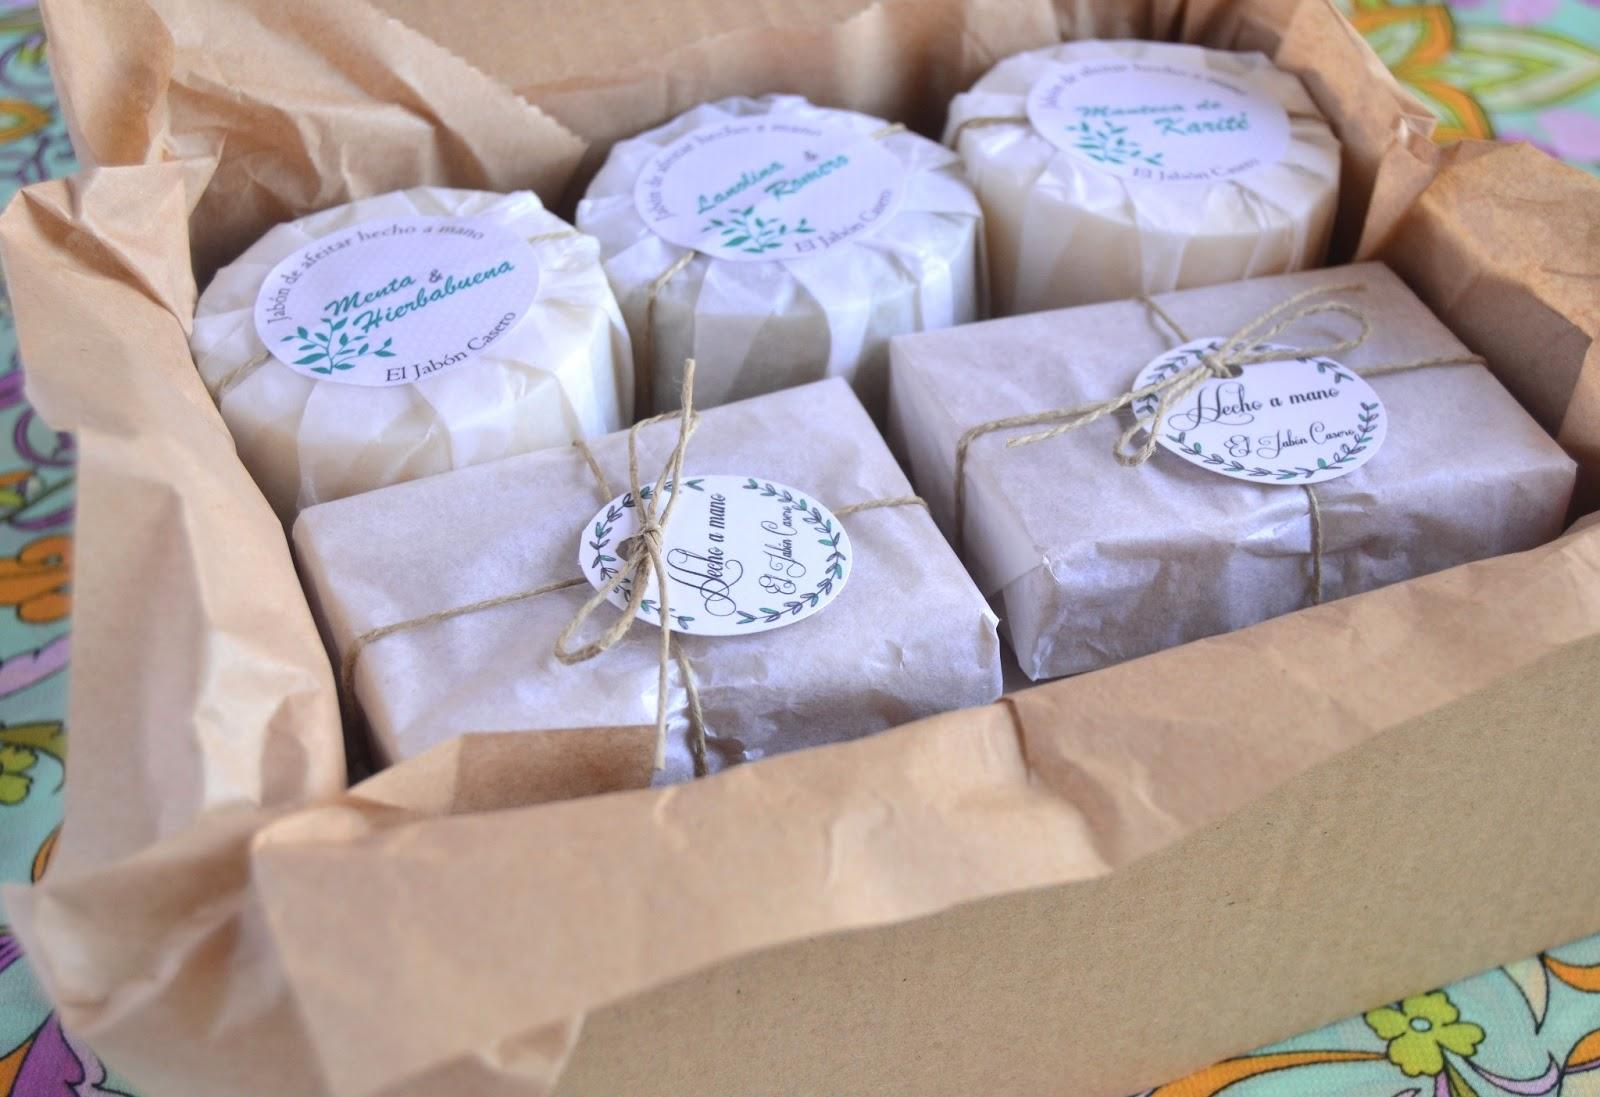 El jab n casero jabones naturales creativos - Como hacer puff artesanales ...